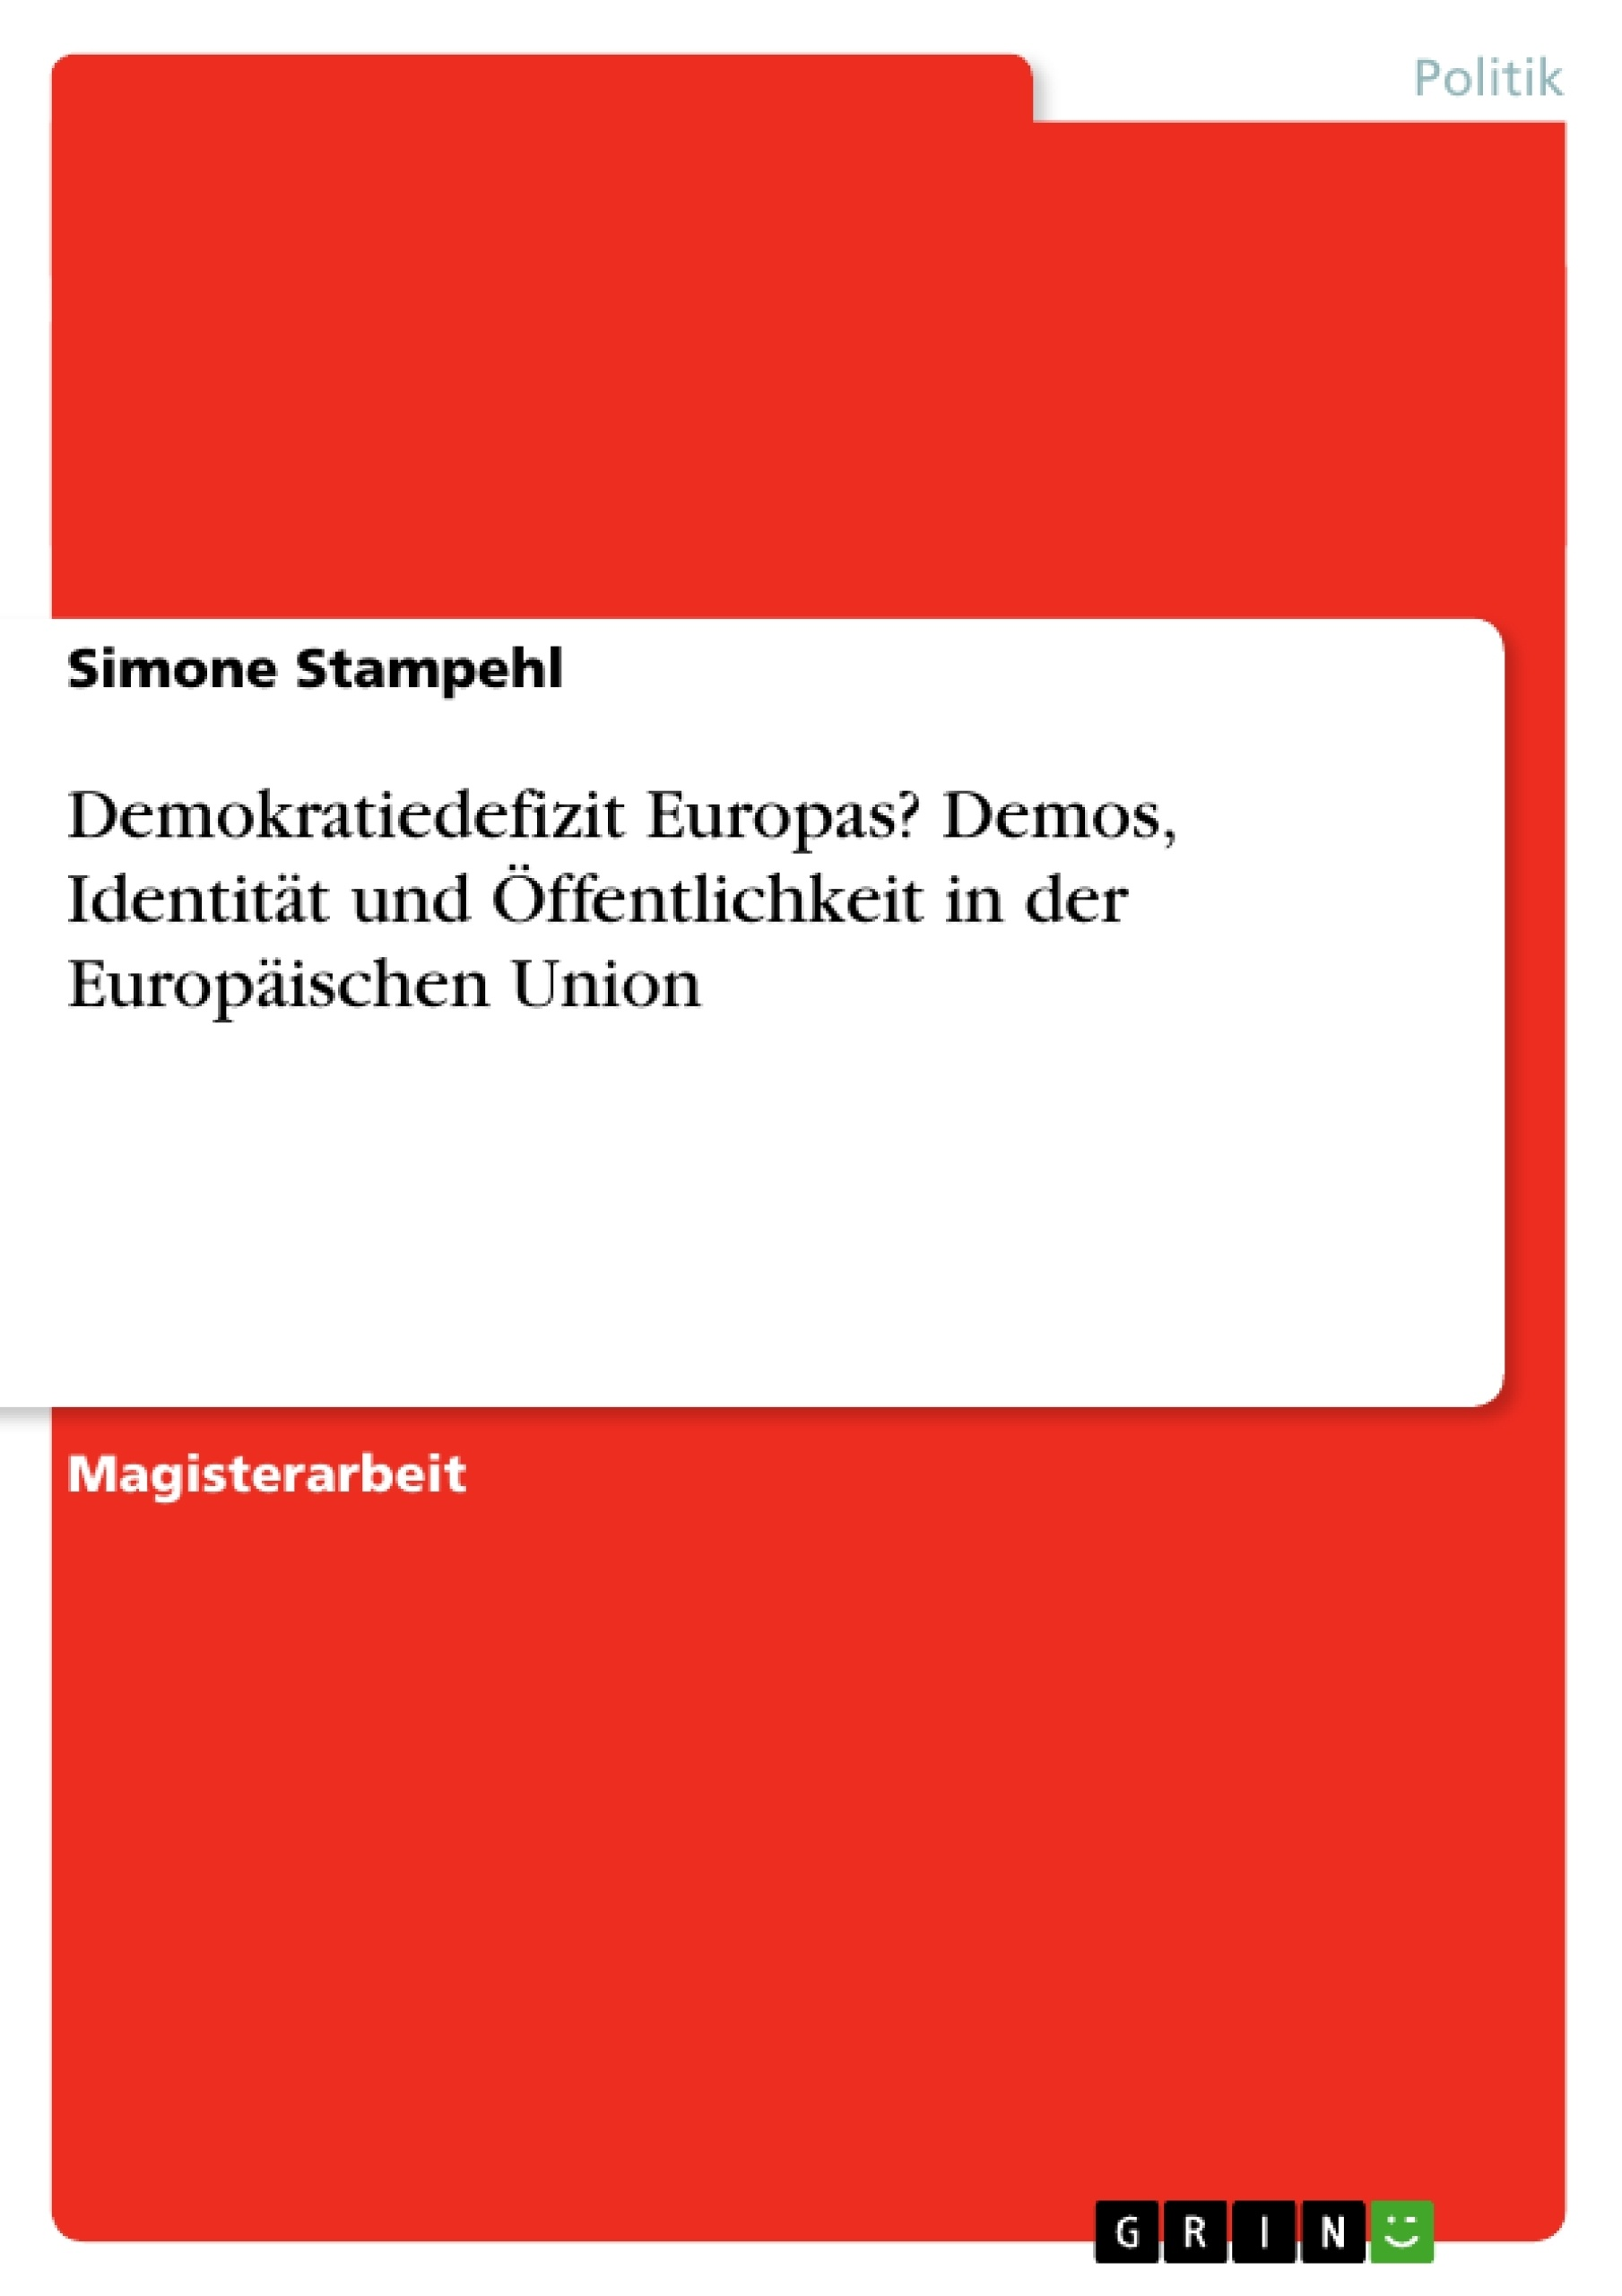 Titel: Demokratiedefizit Europas? Demos, Identität und Öffentlichkeit in der Europäischen Union